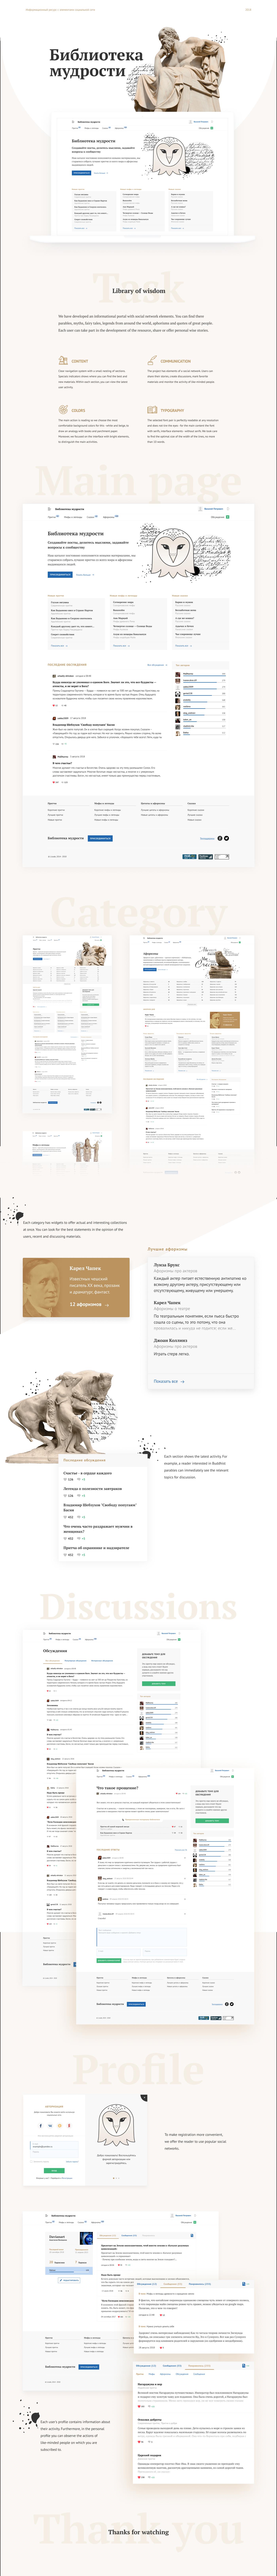 Web Design  UI network library profile